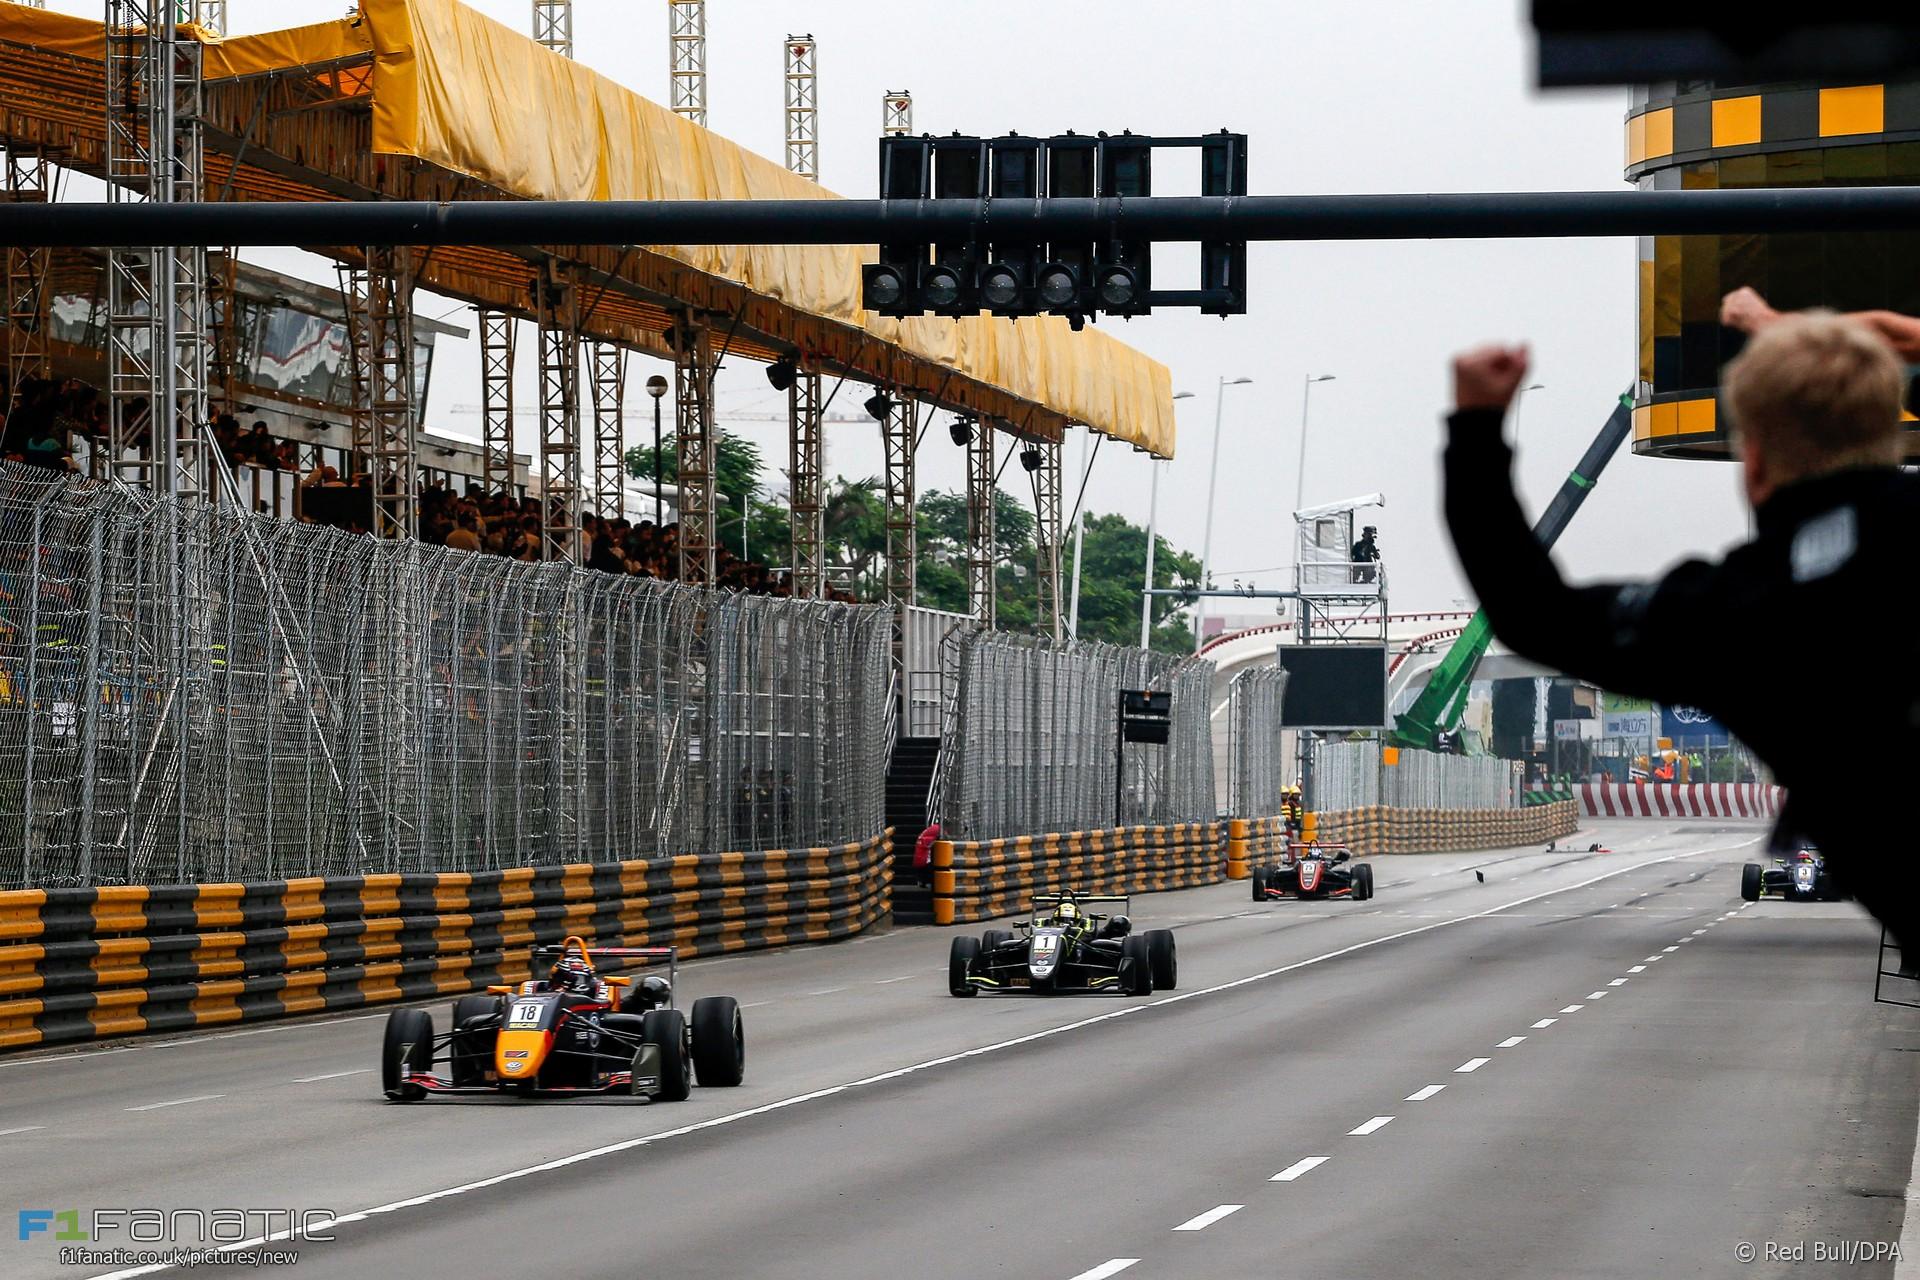 Macau Grand Prix 2017 >> Leaders Crash Out At Final Corner In Sensational Macau Gp